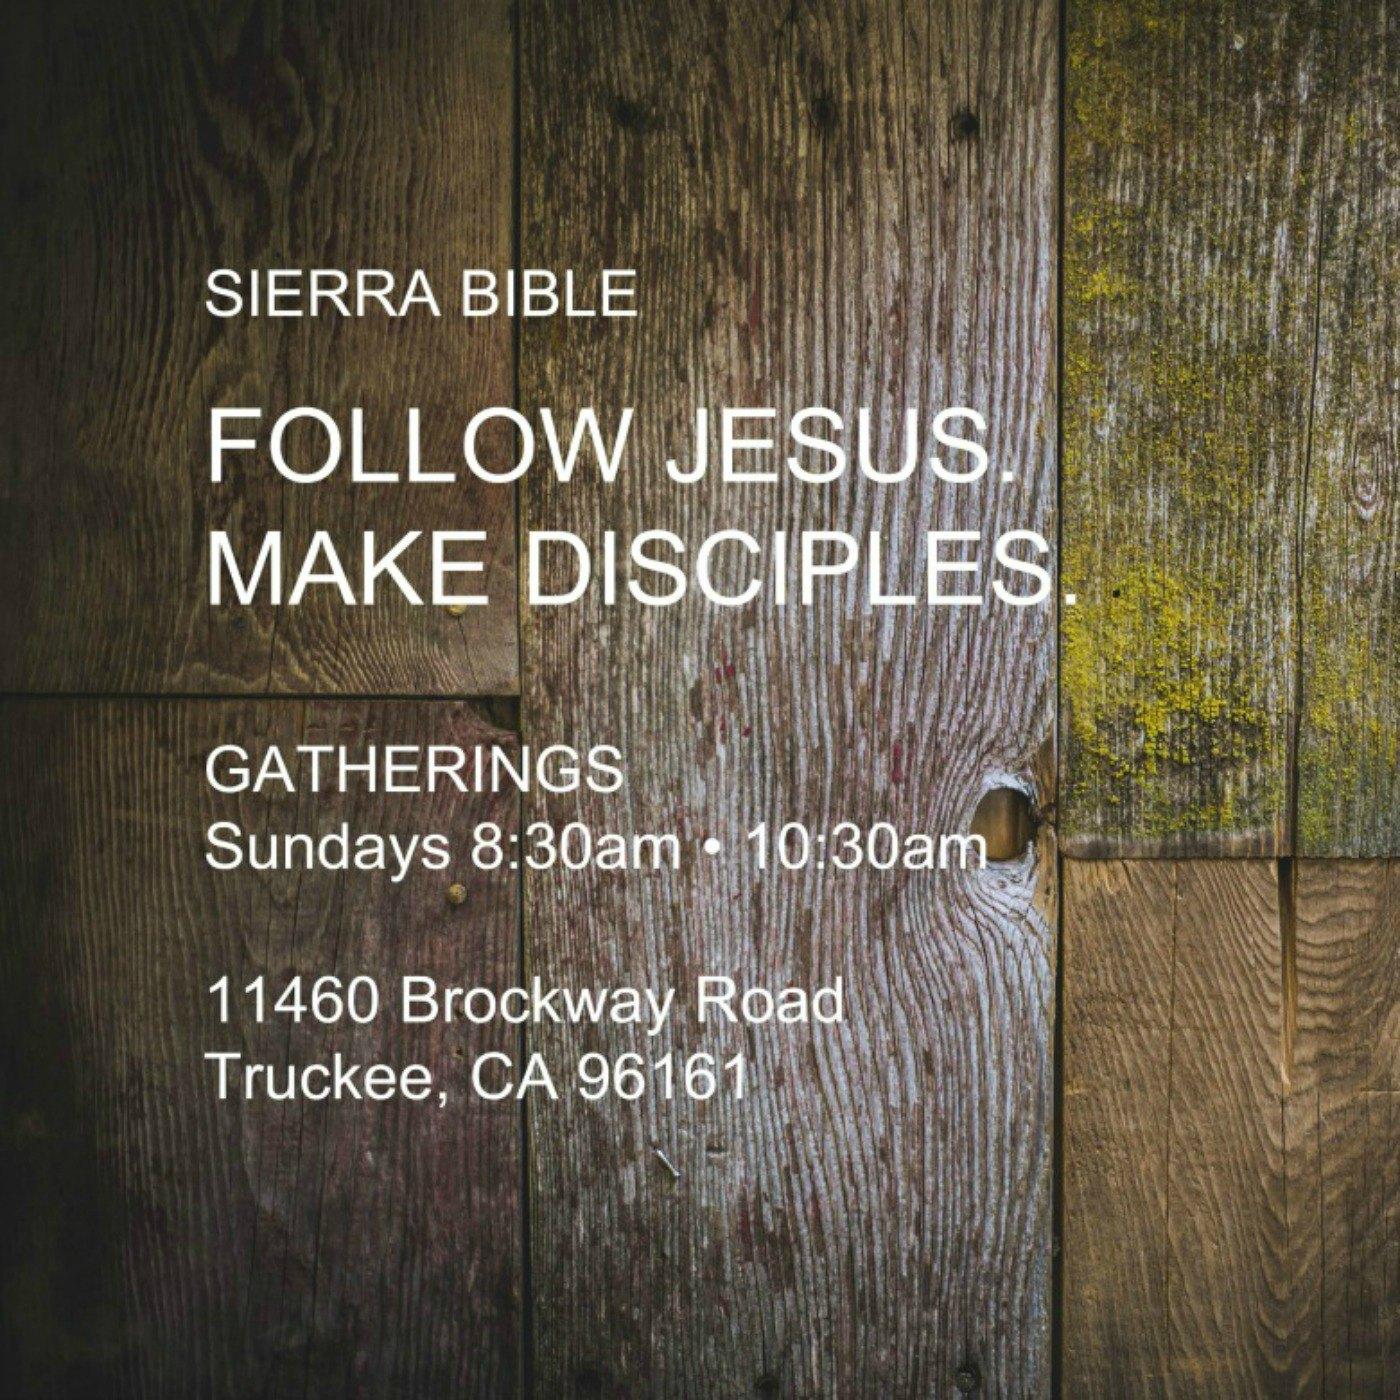 Sierra Bible Truckee